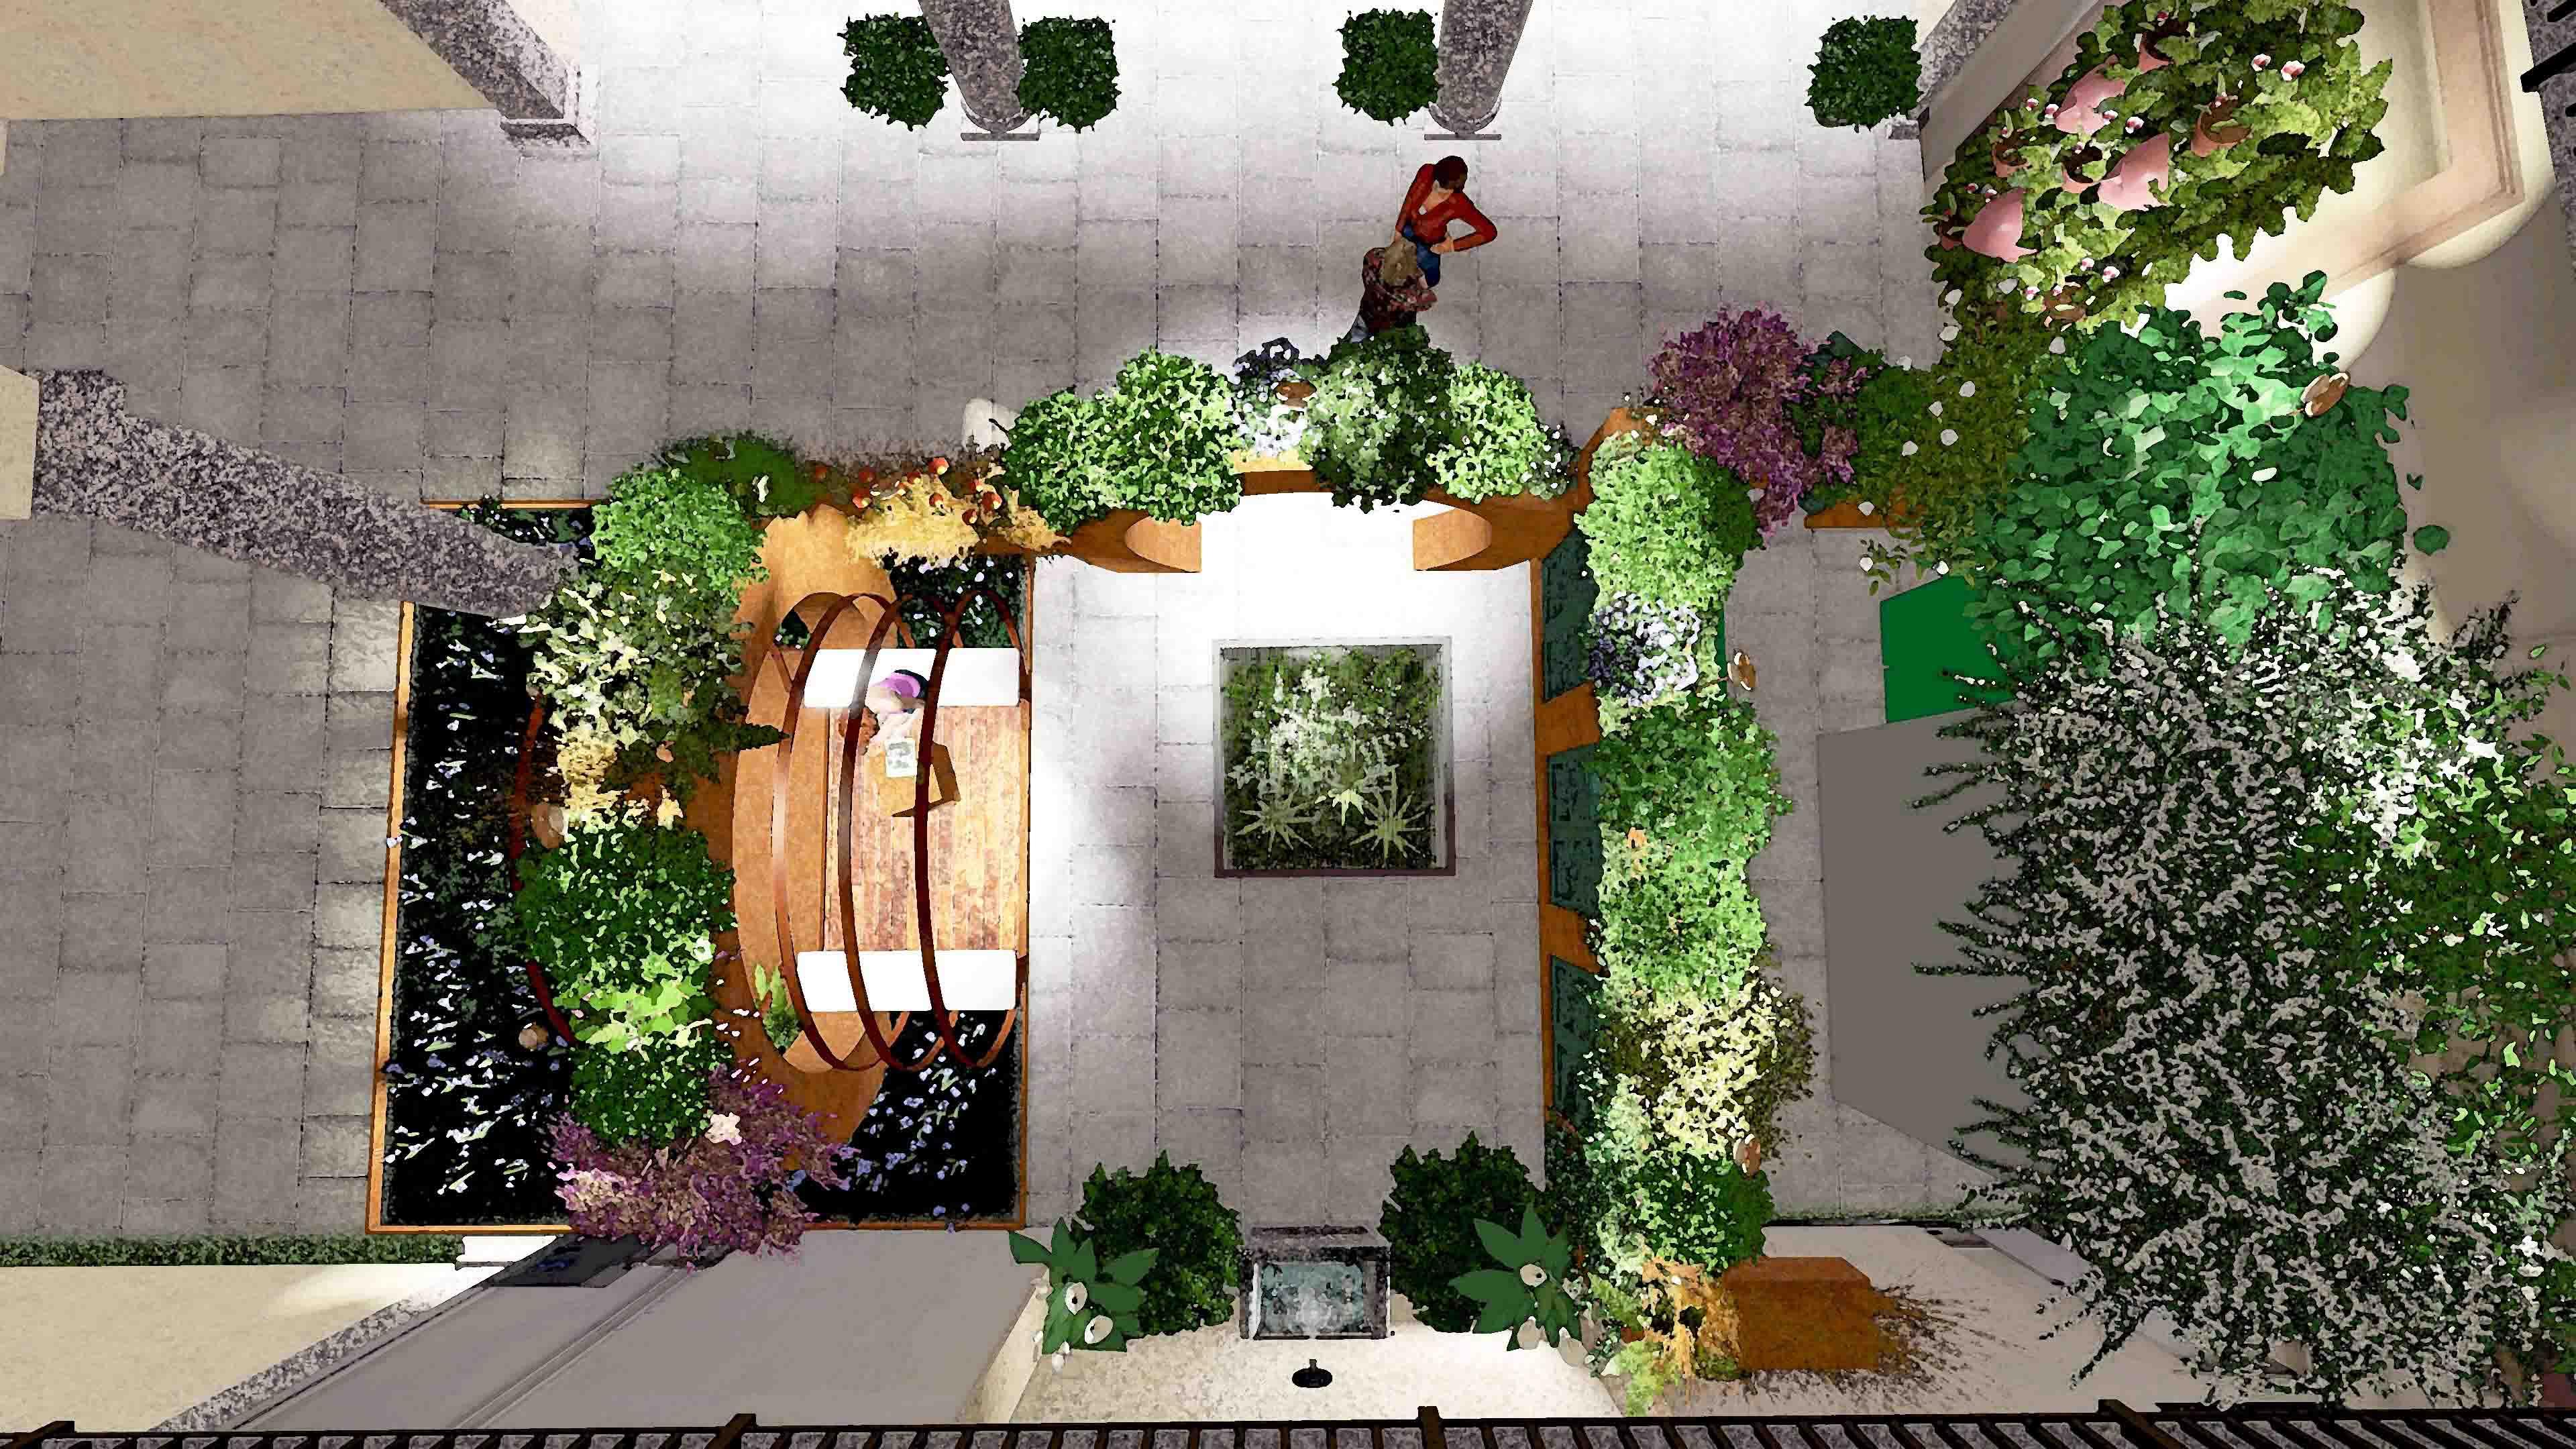 Super Lost in time and place. Un giardino sospeso | Fuorisalone.it HI65